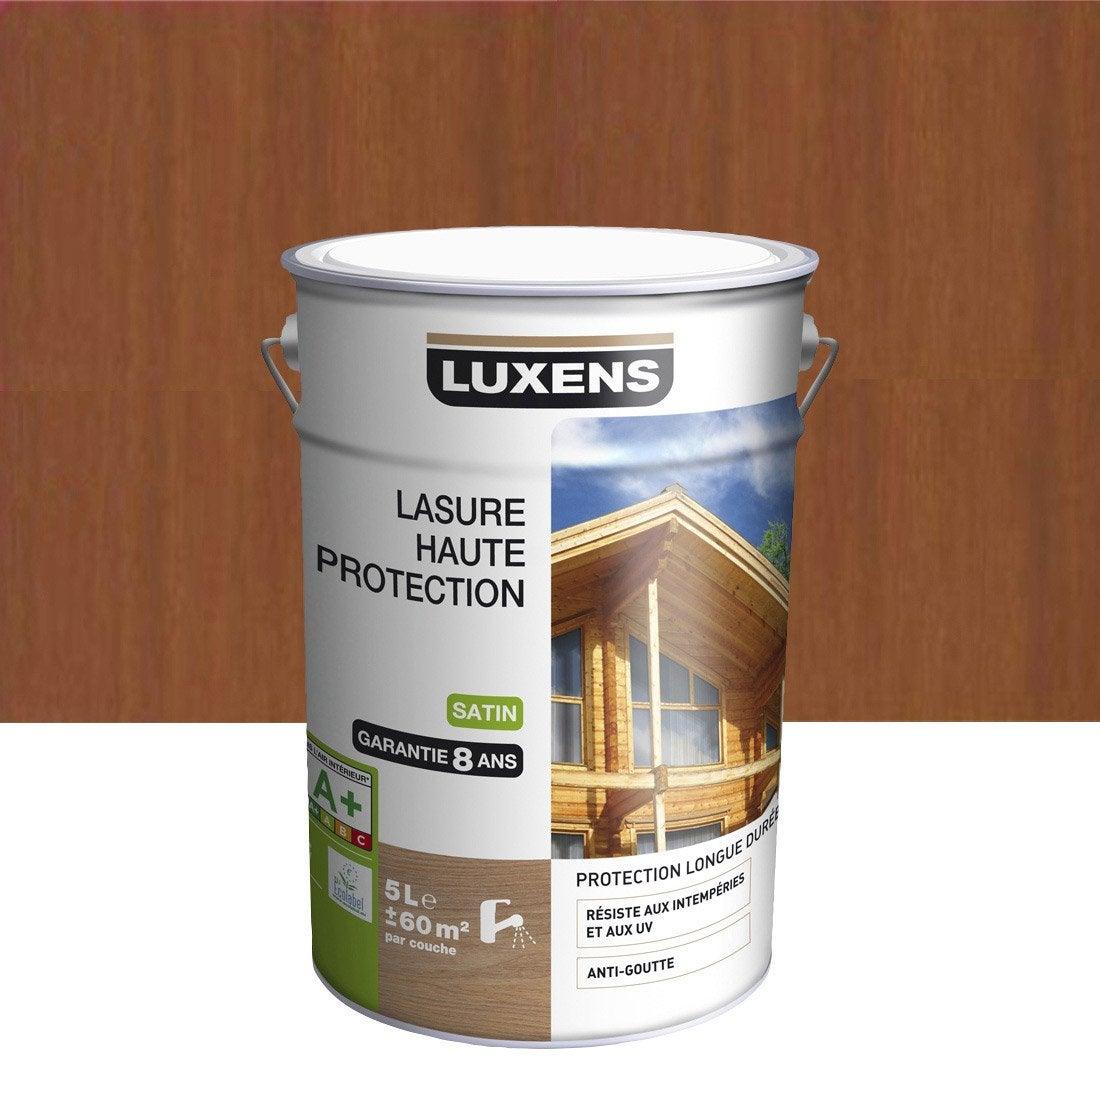 lasure luxens haute protection 5 l bois exotique leroy merlin. Black Bedroom Furniture Sets. Home Design Ideas